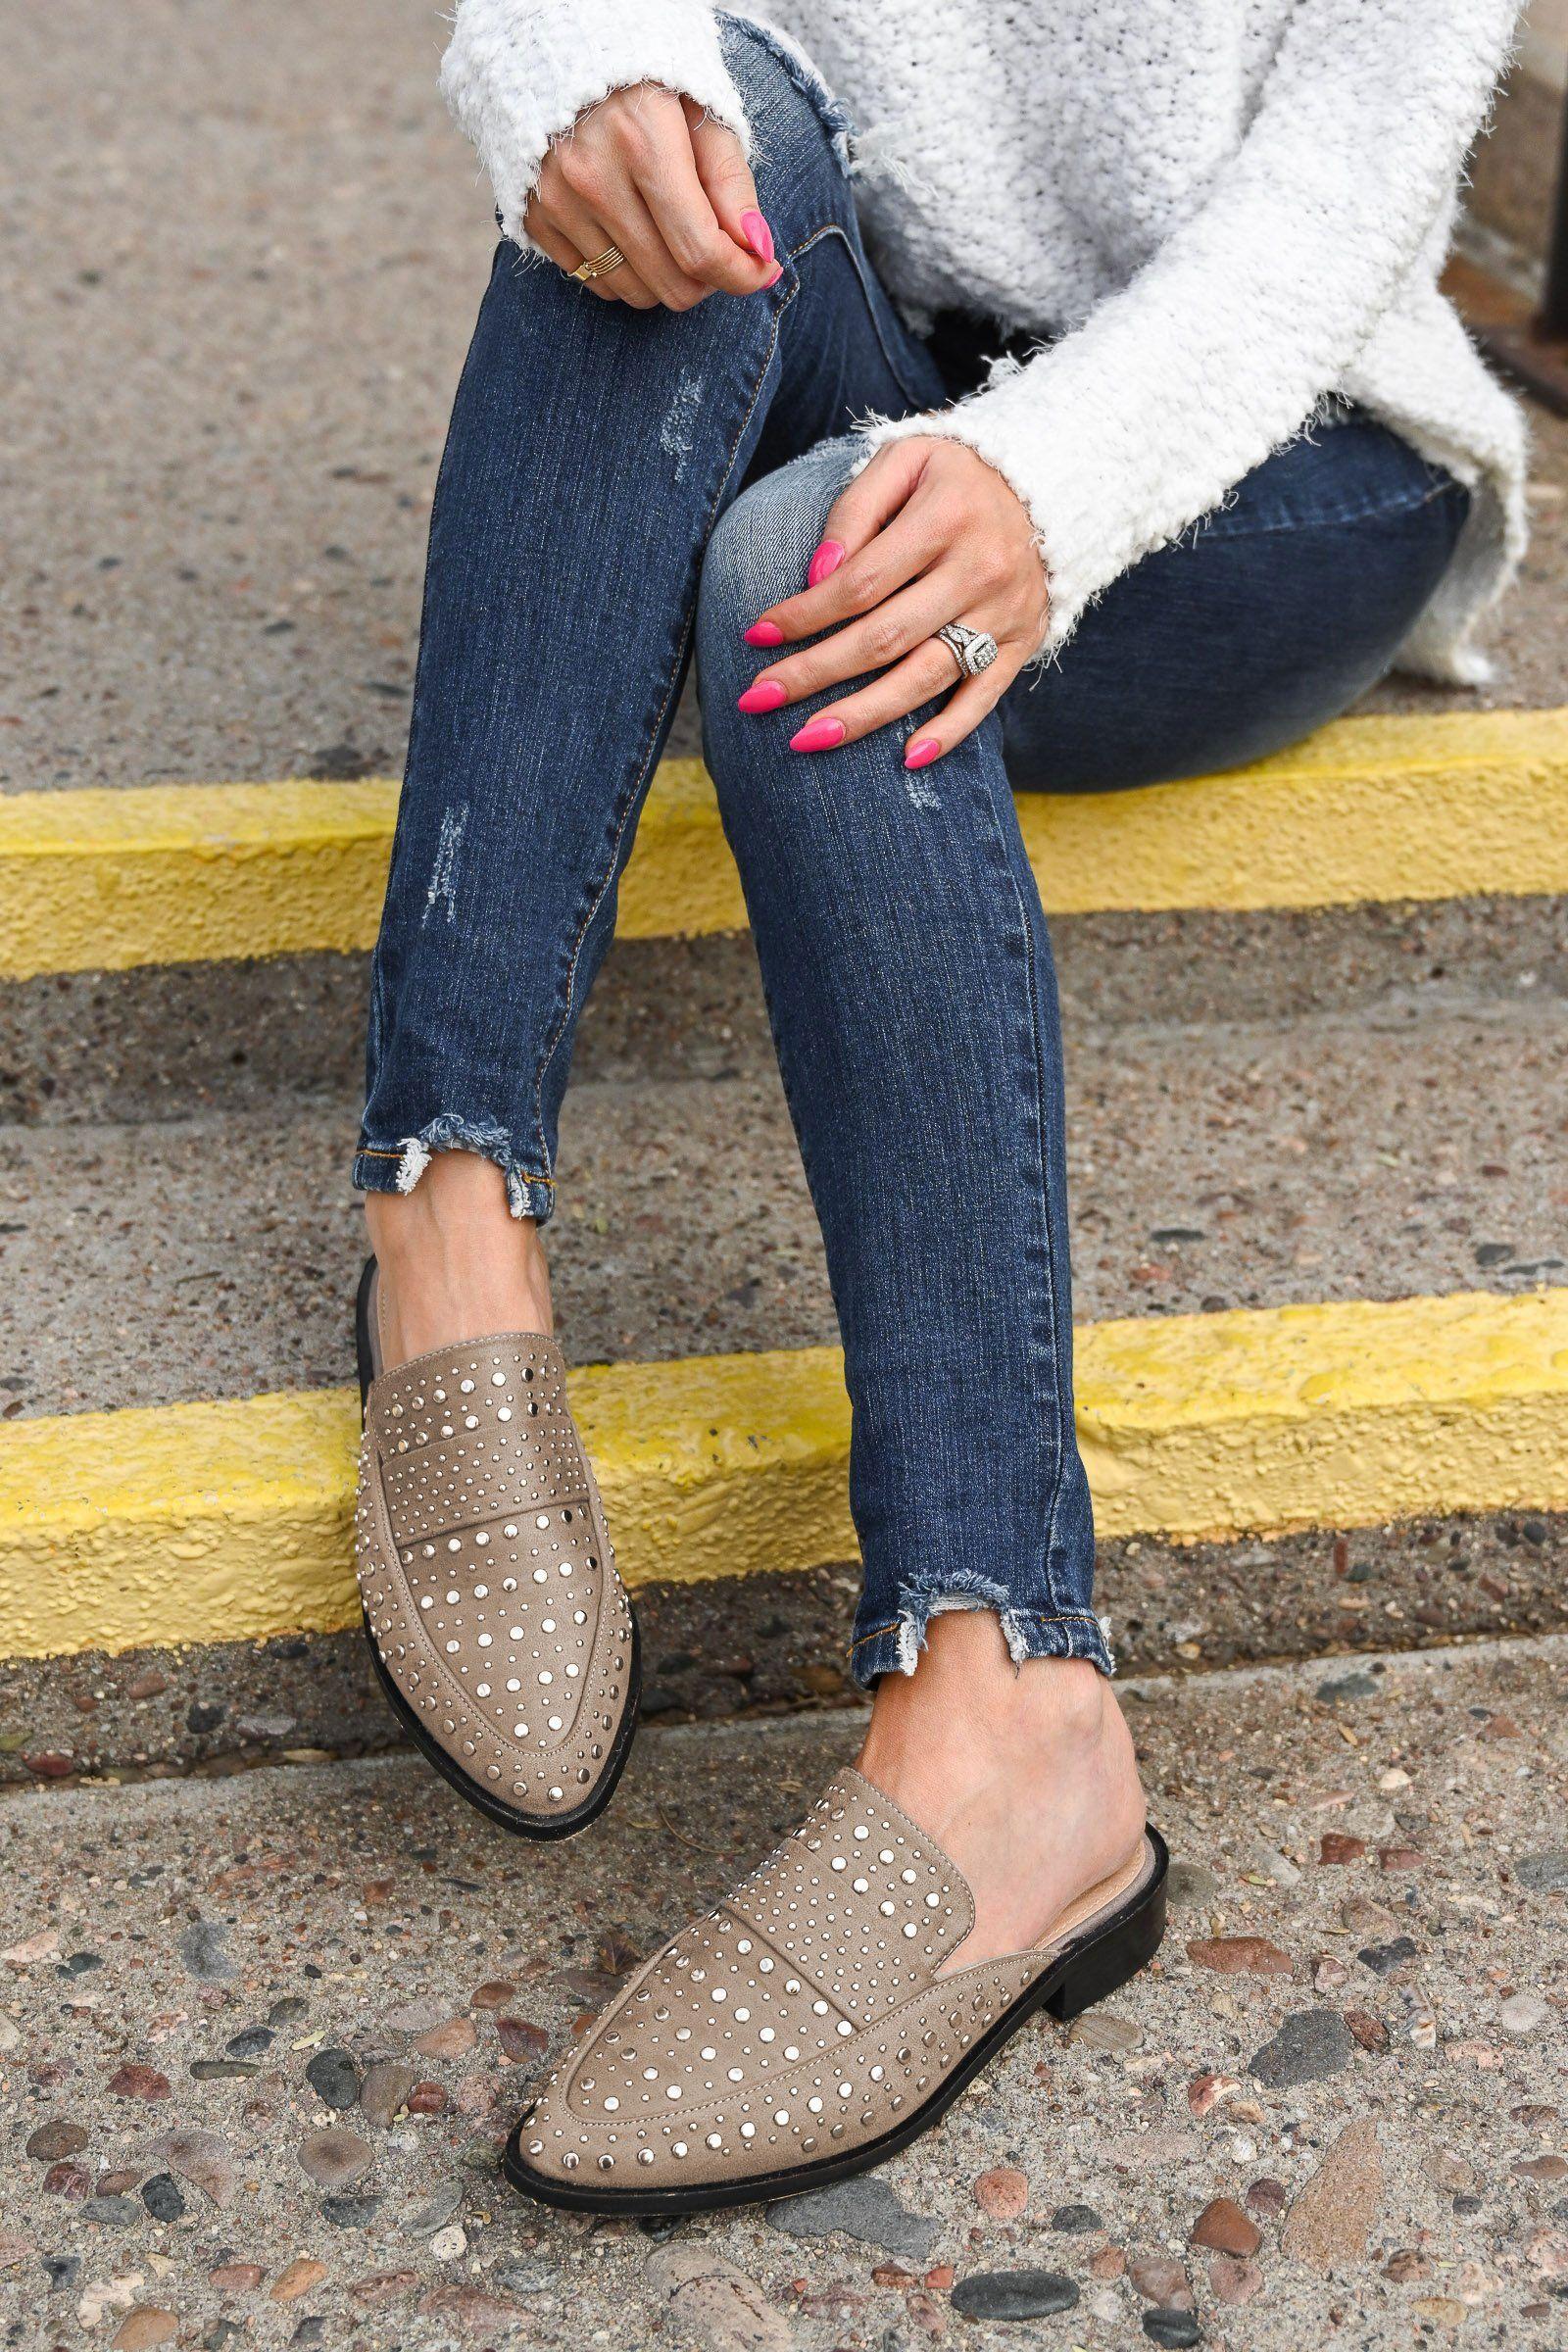 autumn women boots flat Ladies winter Taupe slip on